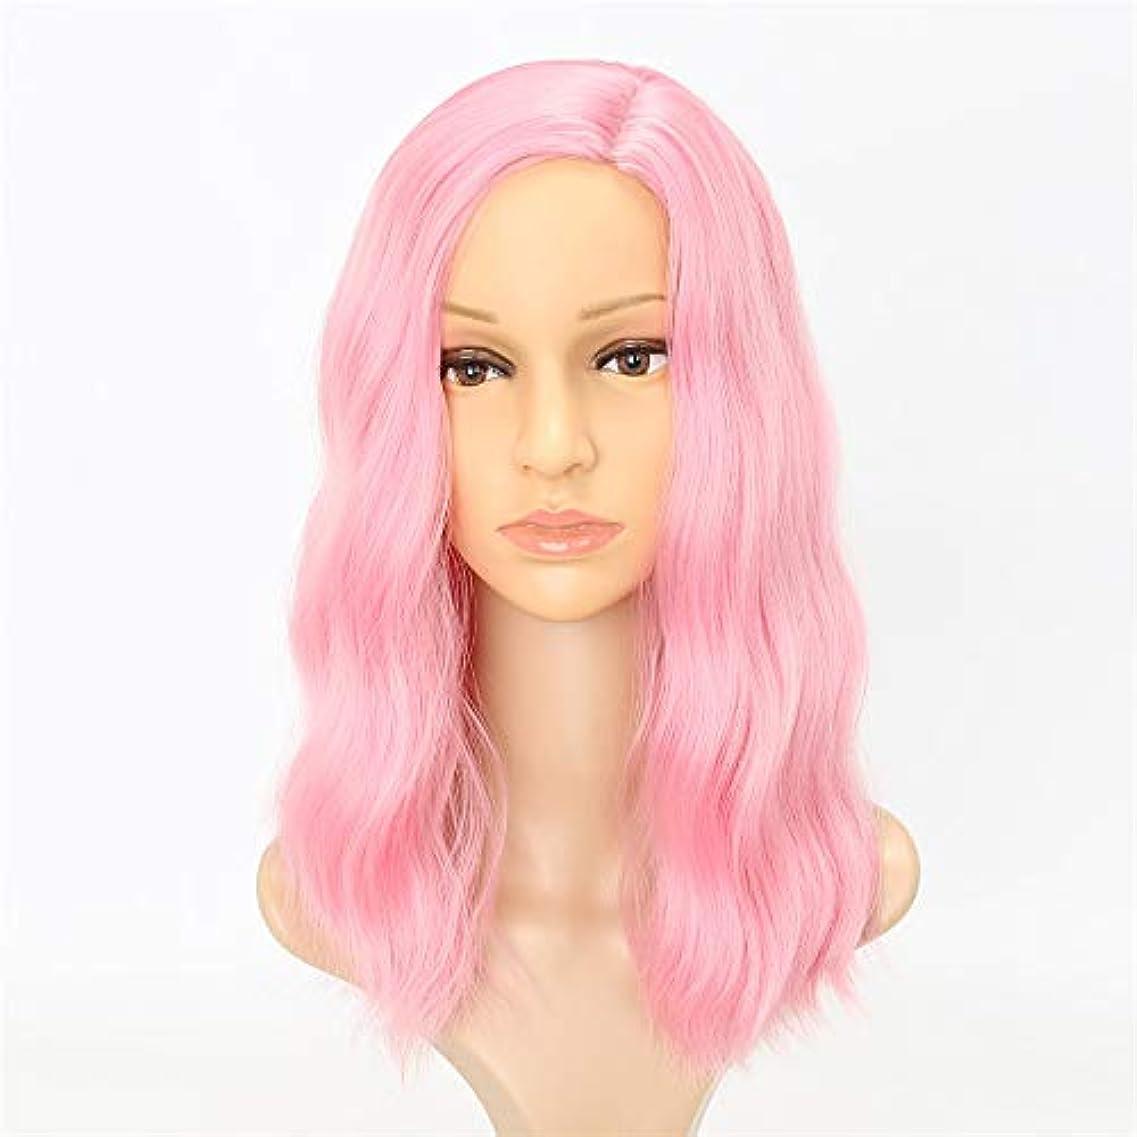 ロック解除匹敵しますむちゃくちゃヘアピースピンクウィッグ波状女性かつら高温繊維人工毛ウィッグロングコスプレウィッグ用女性パーティー、ハロウィン18インチ